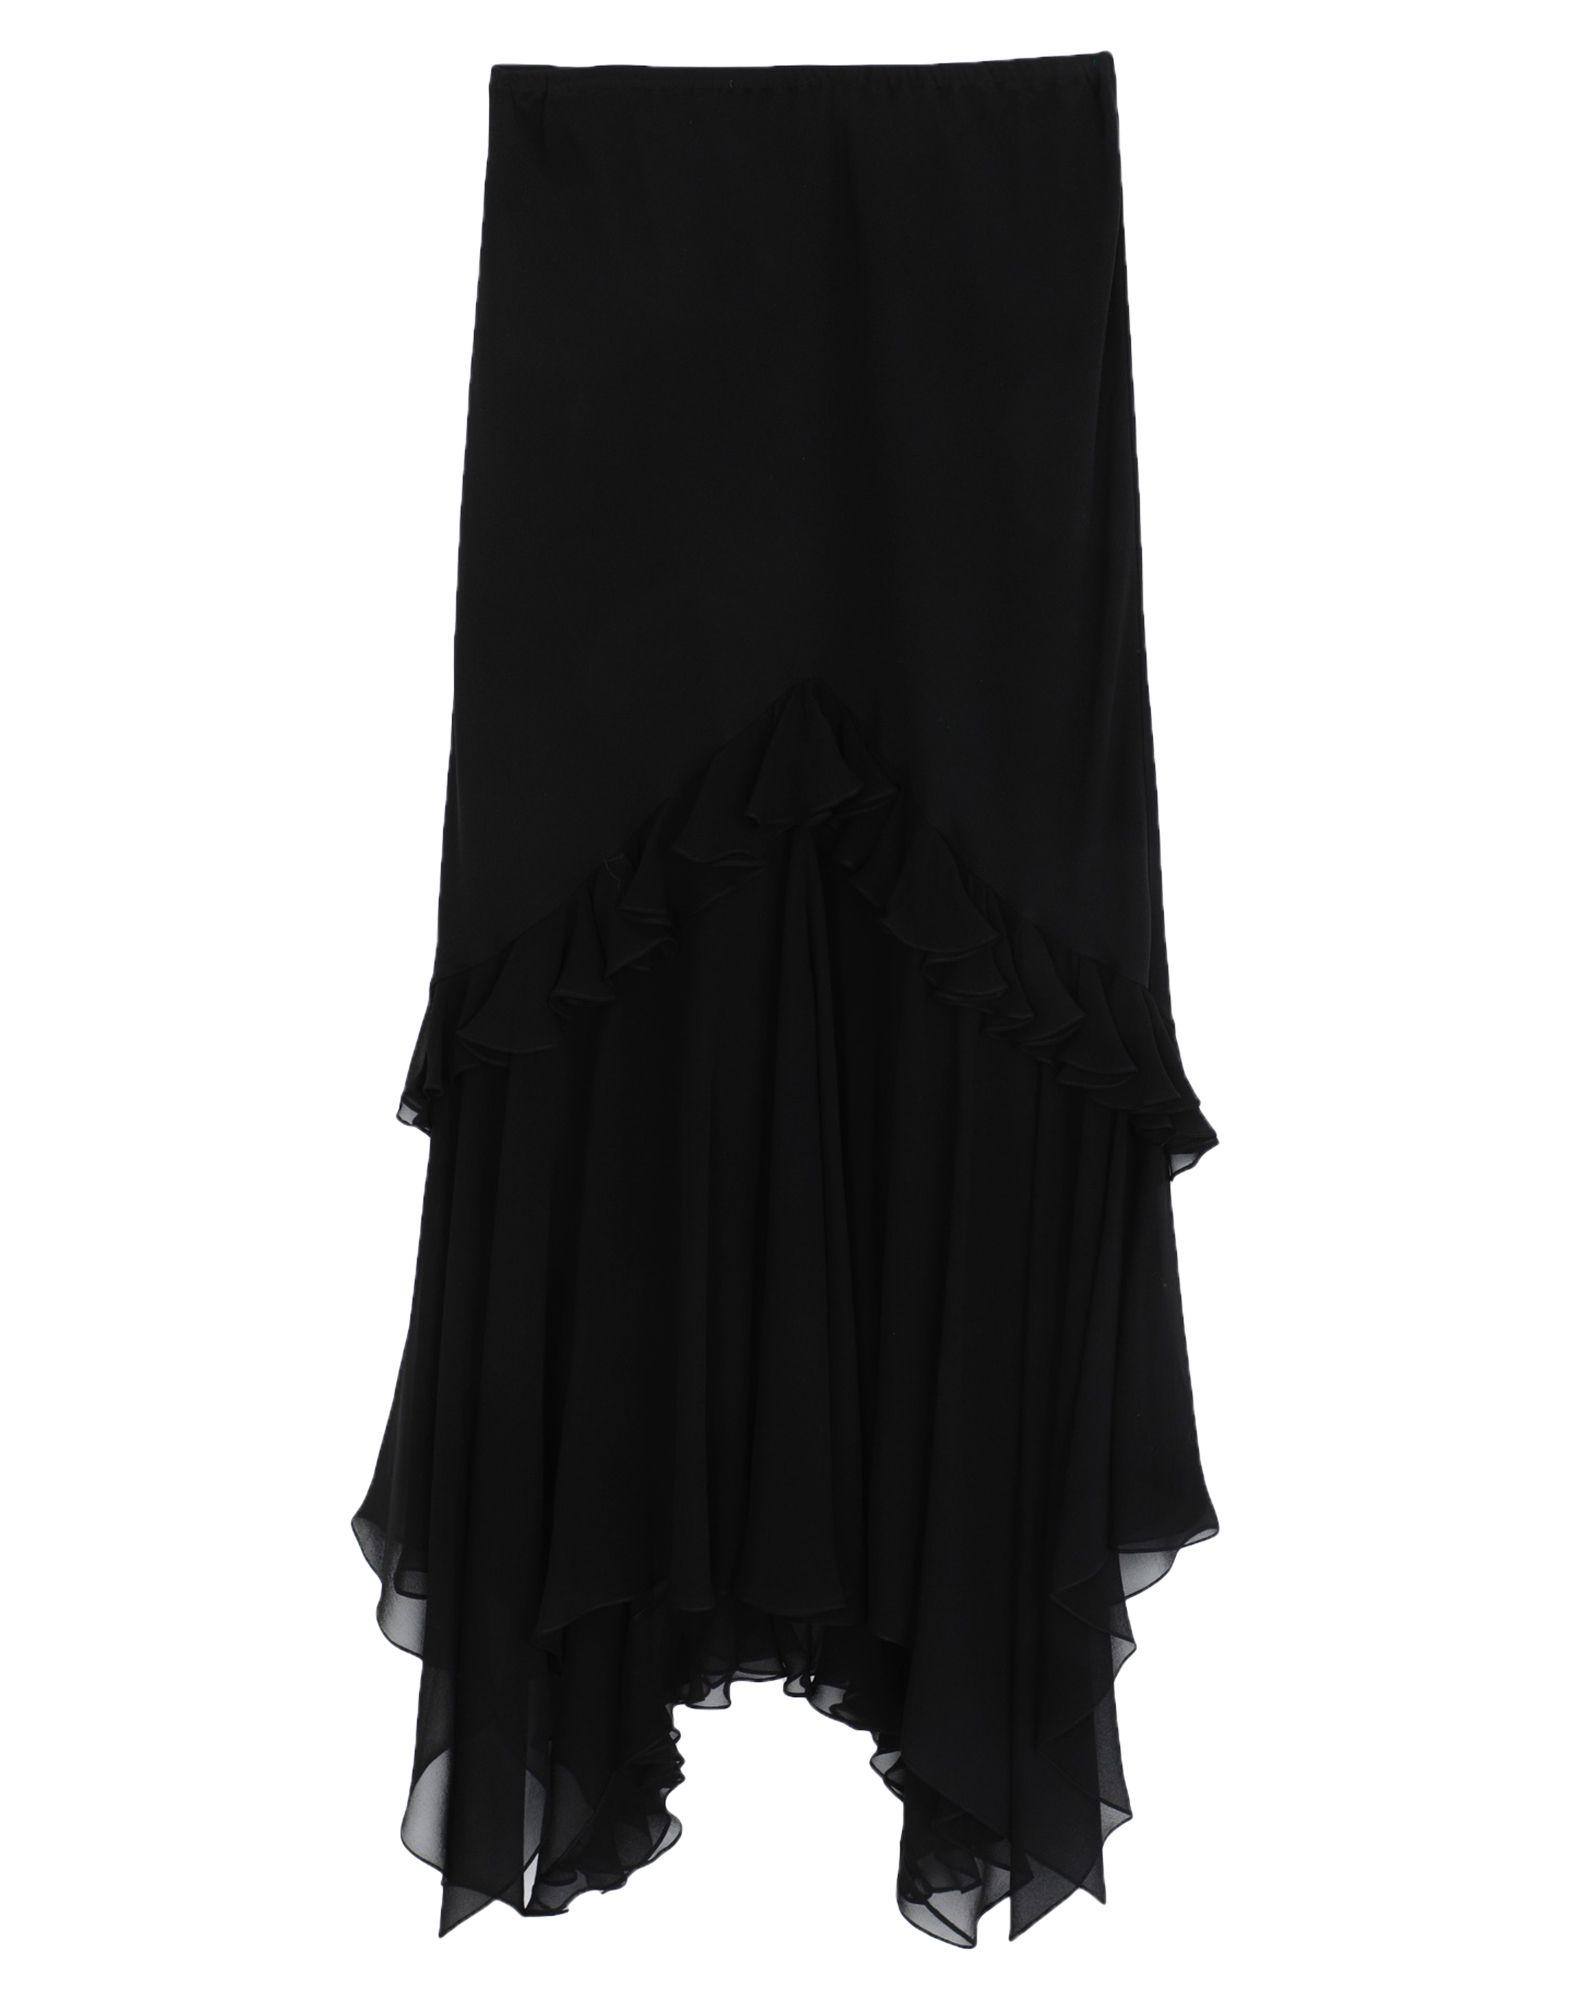 Фото - MICHAEL KORS COLLECTION Юбка длиной 3/4 hilfiger collection юбка длиной 3 4